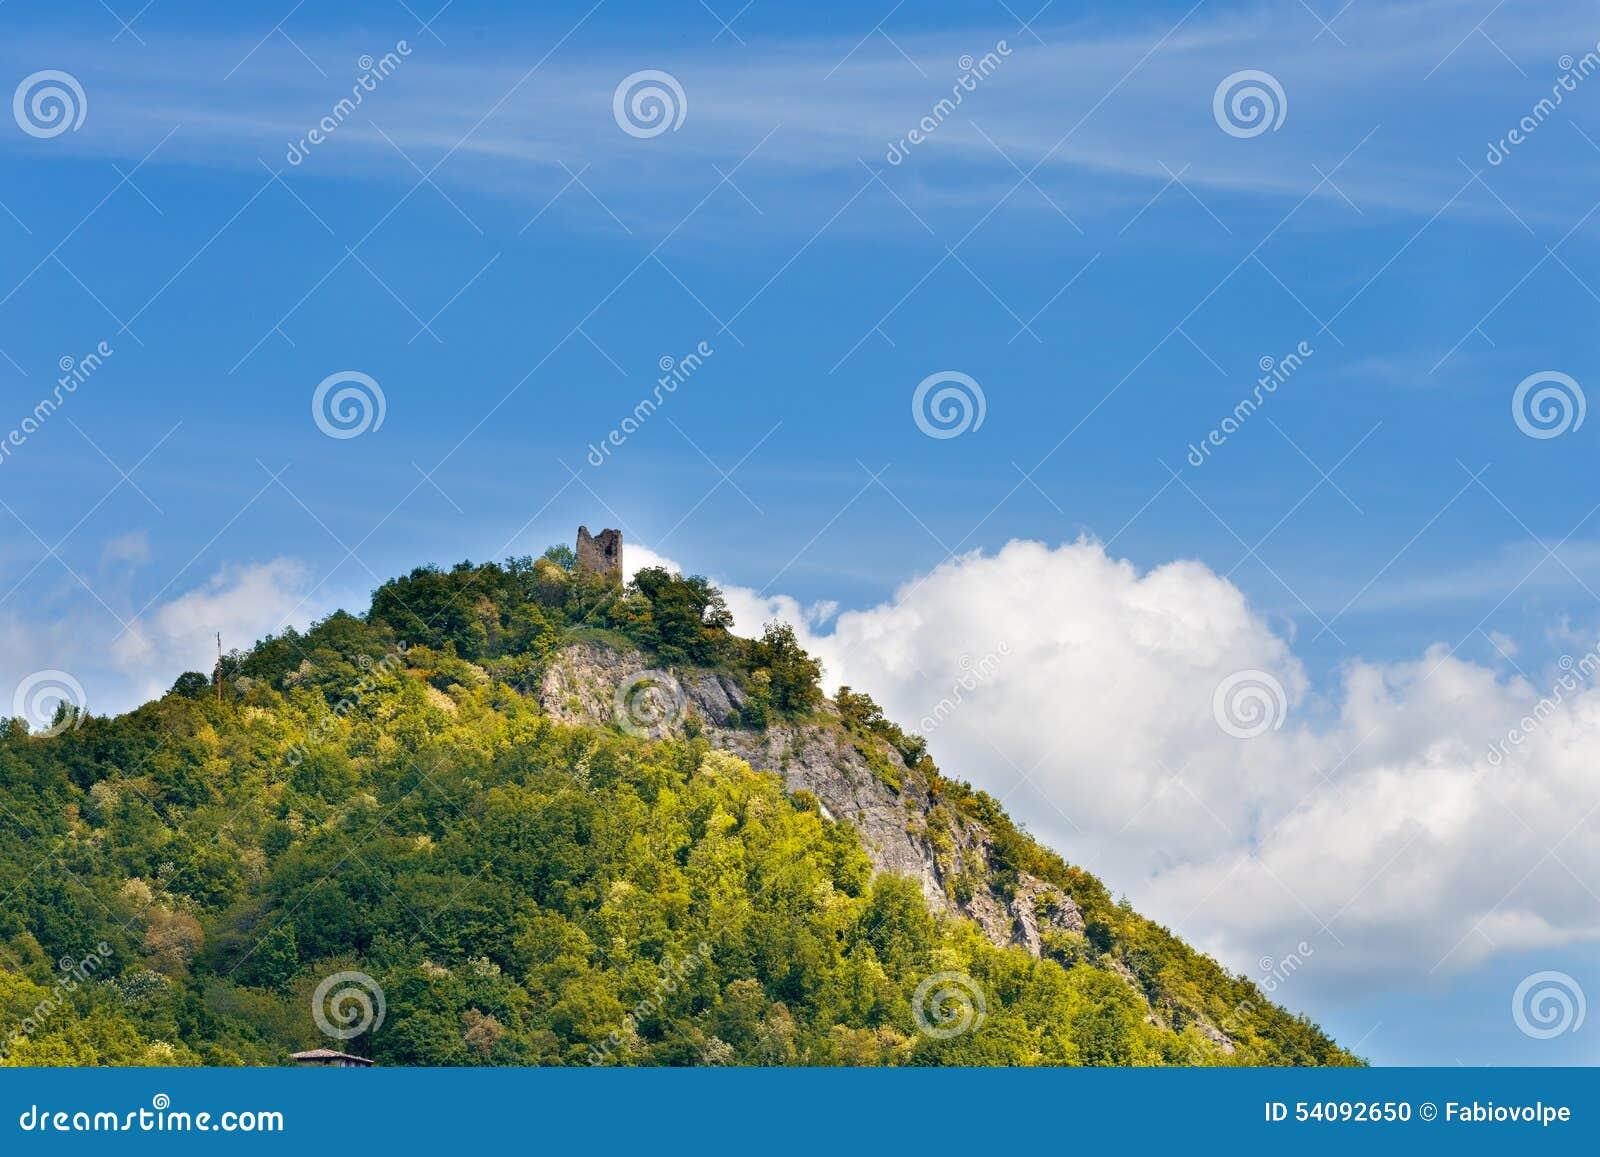 Oude toren op de heuvel